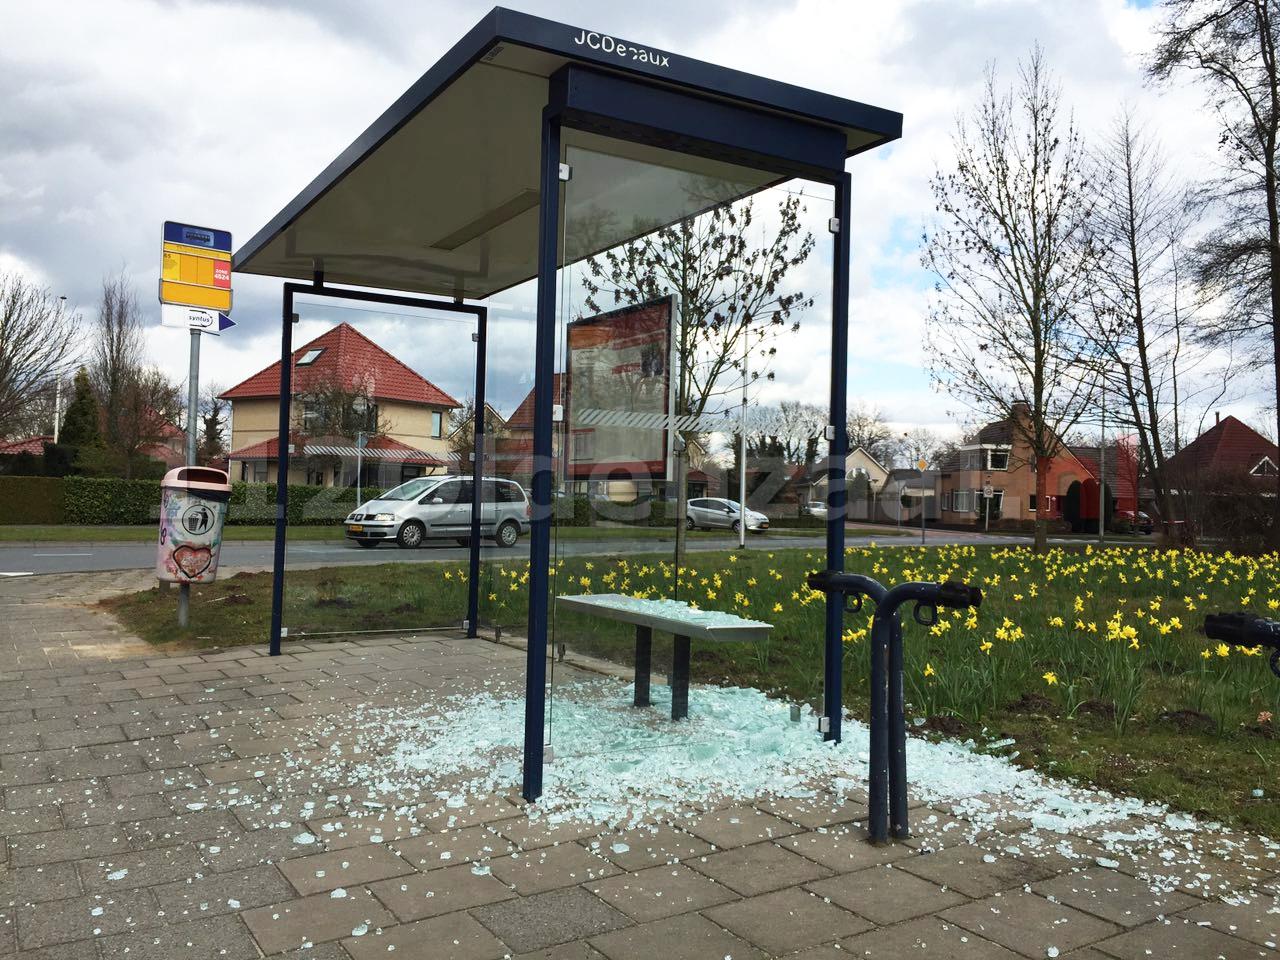 Foto: Vernieling aan bushokje Thijsniederweg Oldenzaal